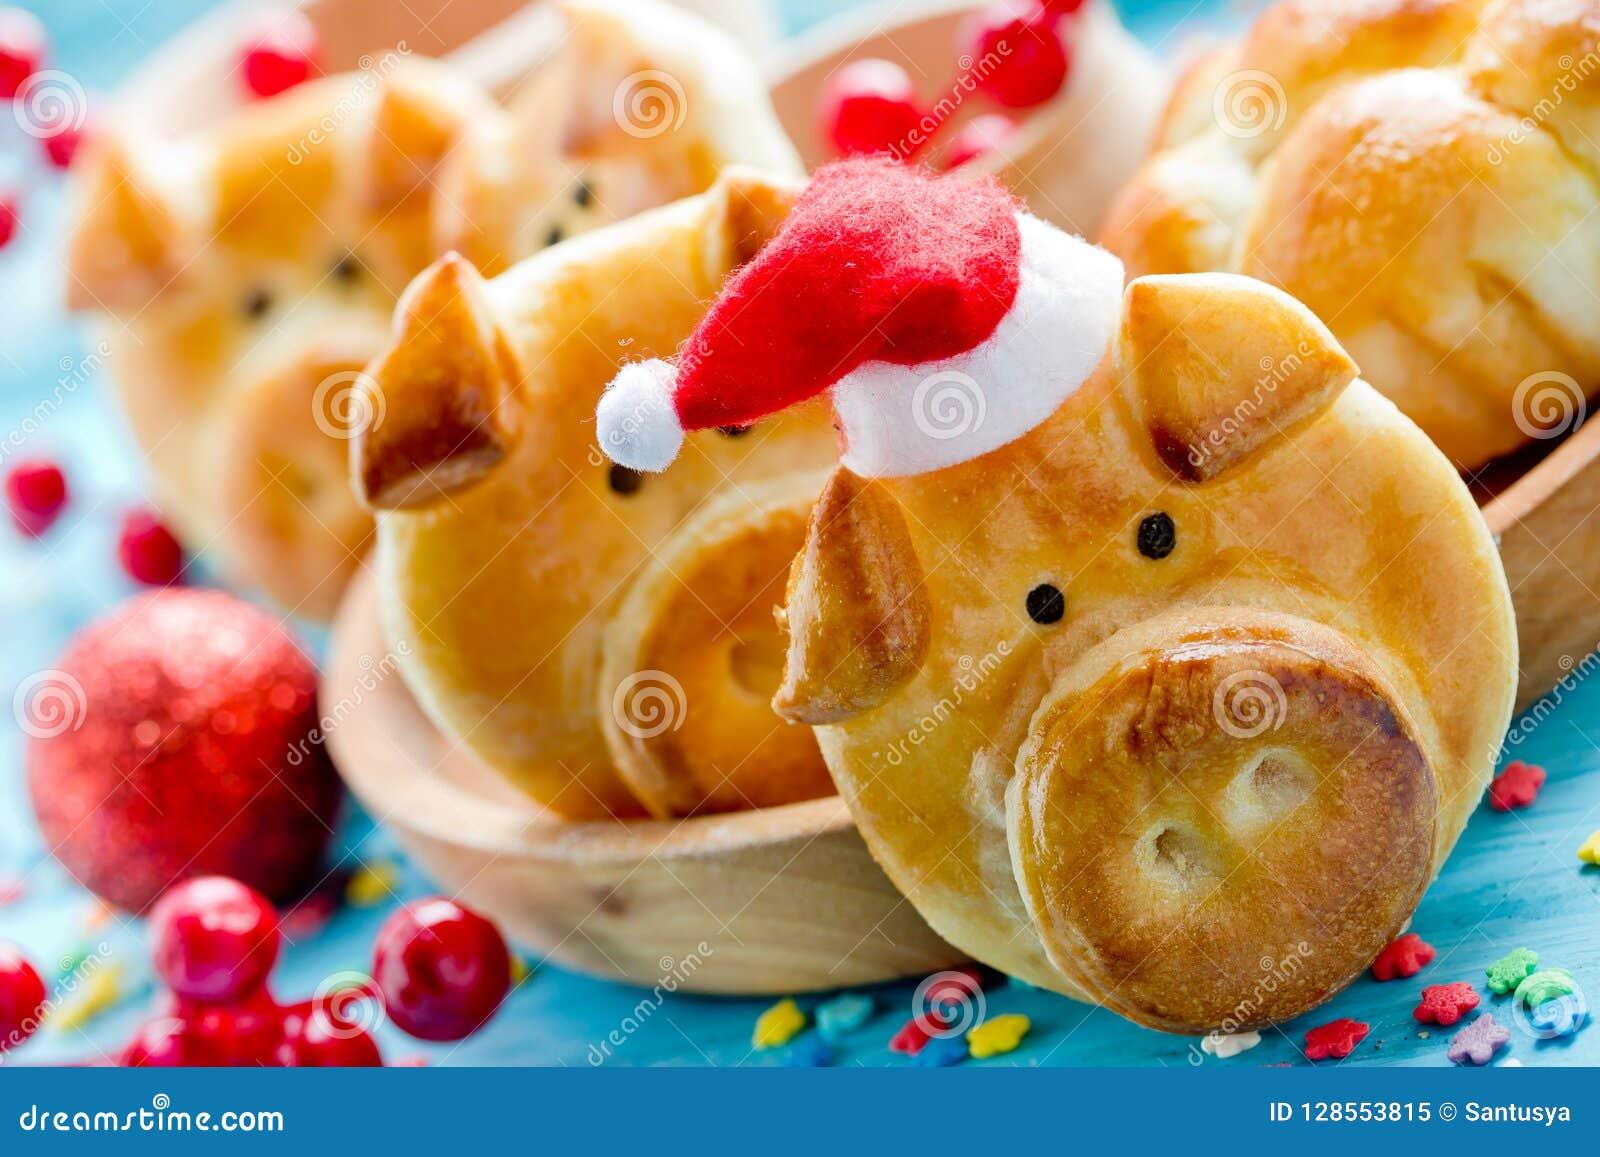 Les petits pains de pain de porc, idée drôle de cuisson ont formé les visages porcins mignons